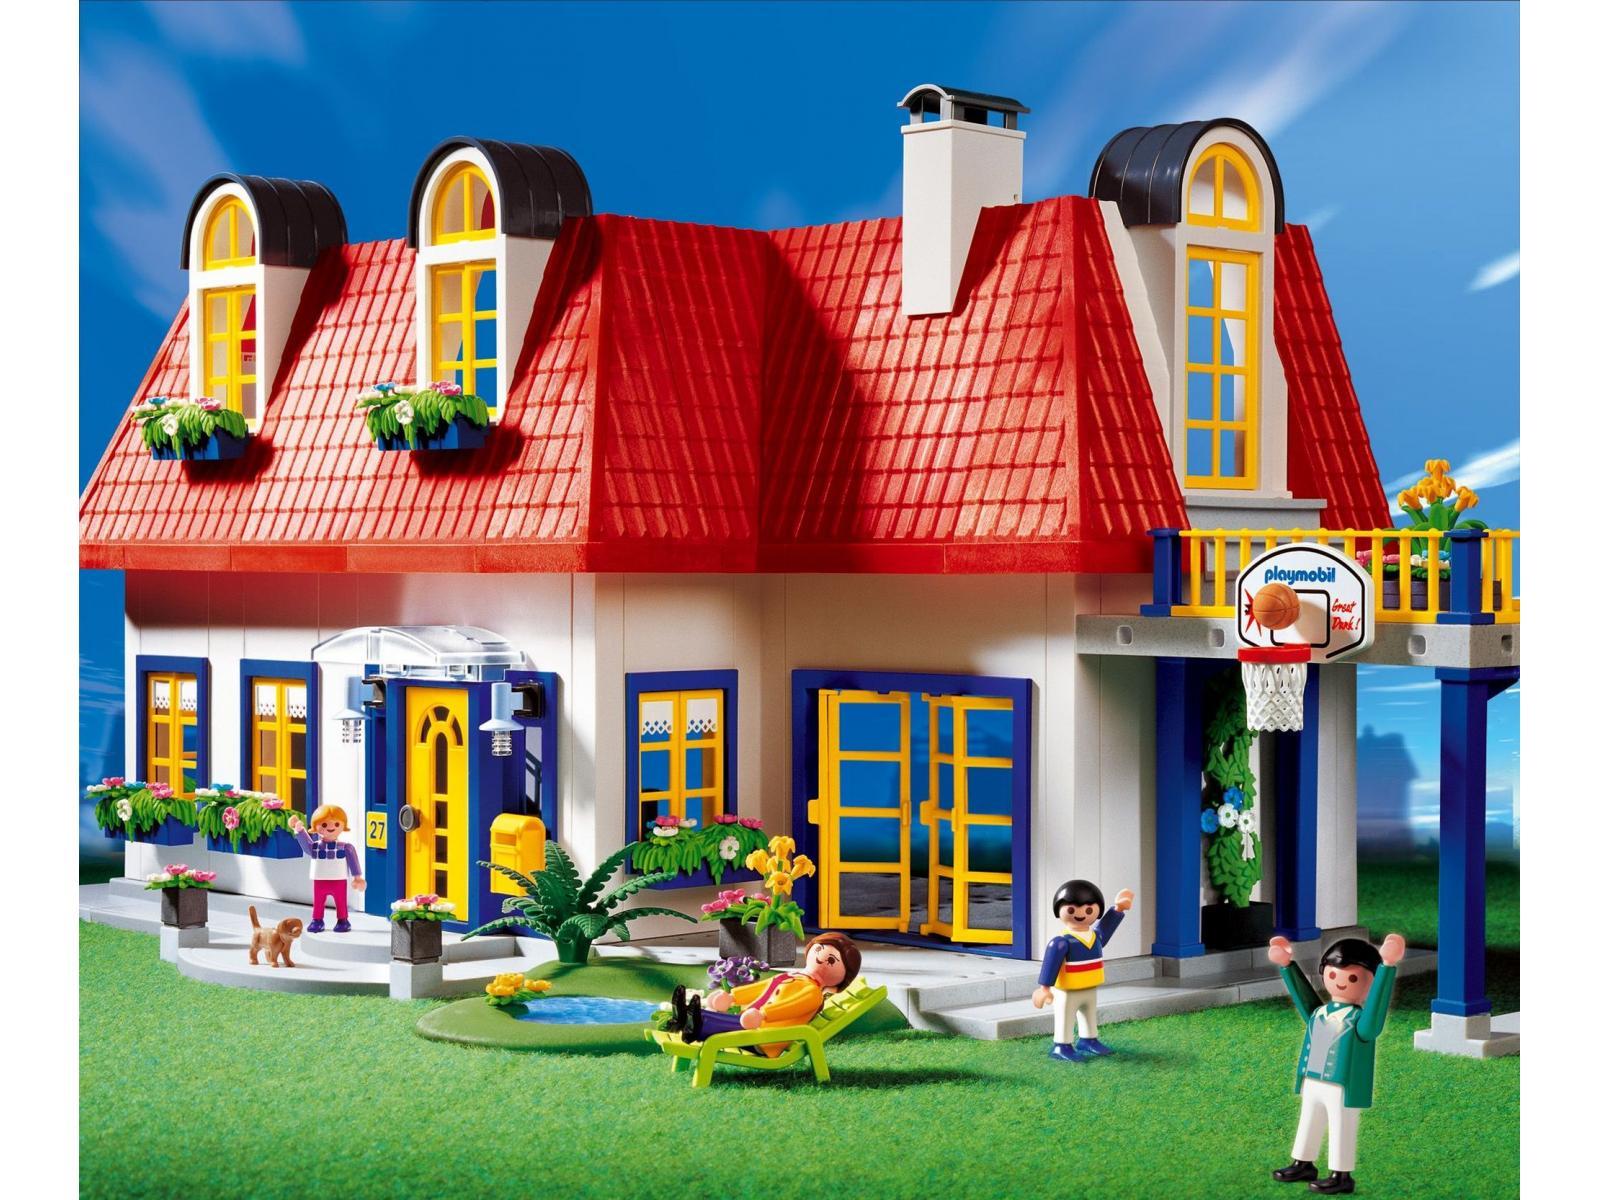 Playmobil maison moderne - Toutes les maisons playmobil ...